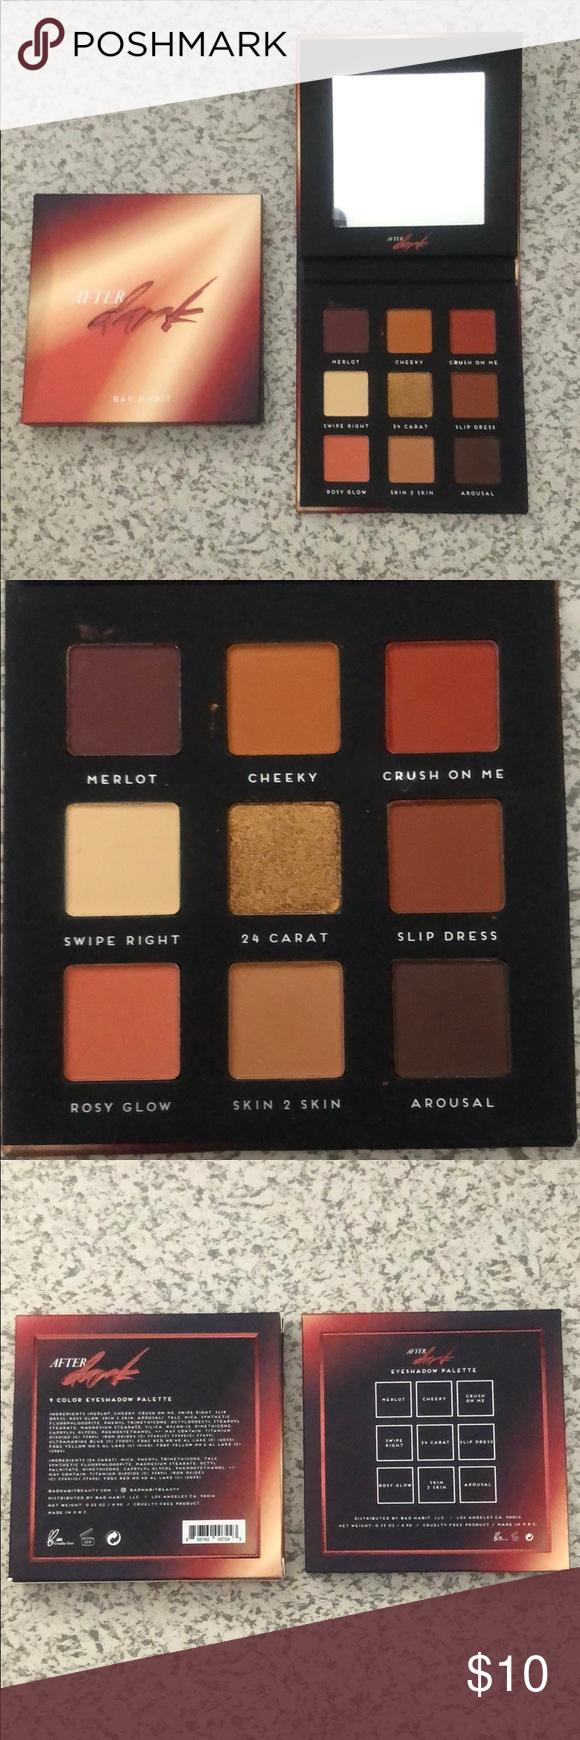 Bad Habit After Dark Eyeshadow Palette Boutique (With